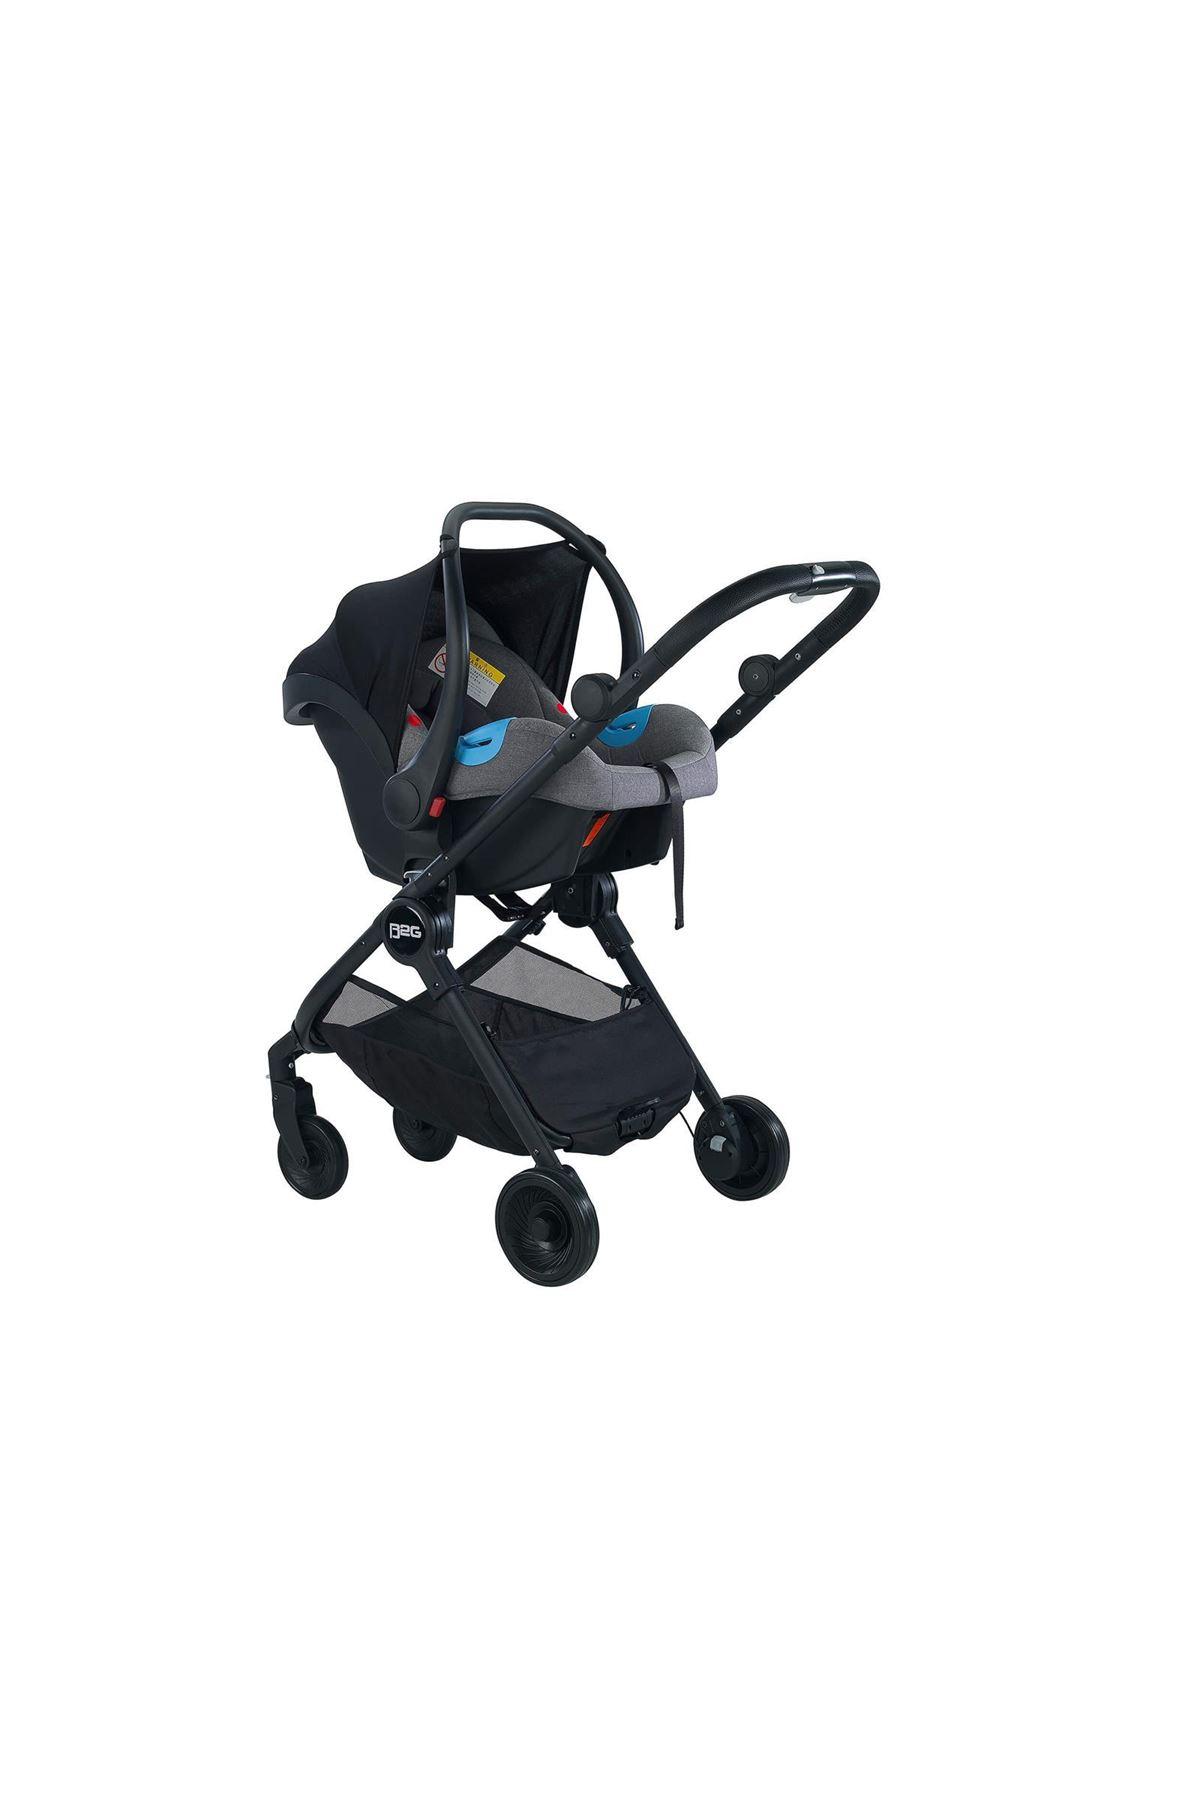 Baby2go Mc Plus Travel Sistem Bebek Arabası 2037 Gri